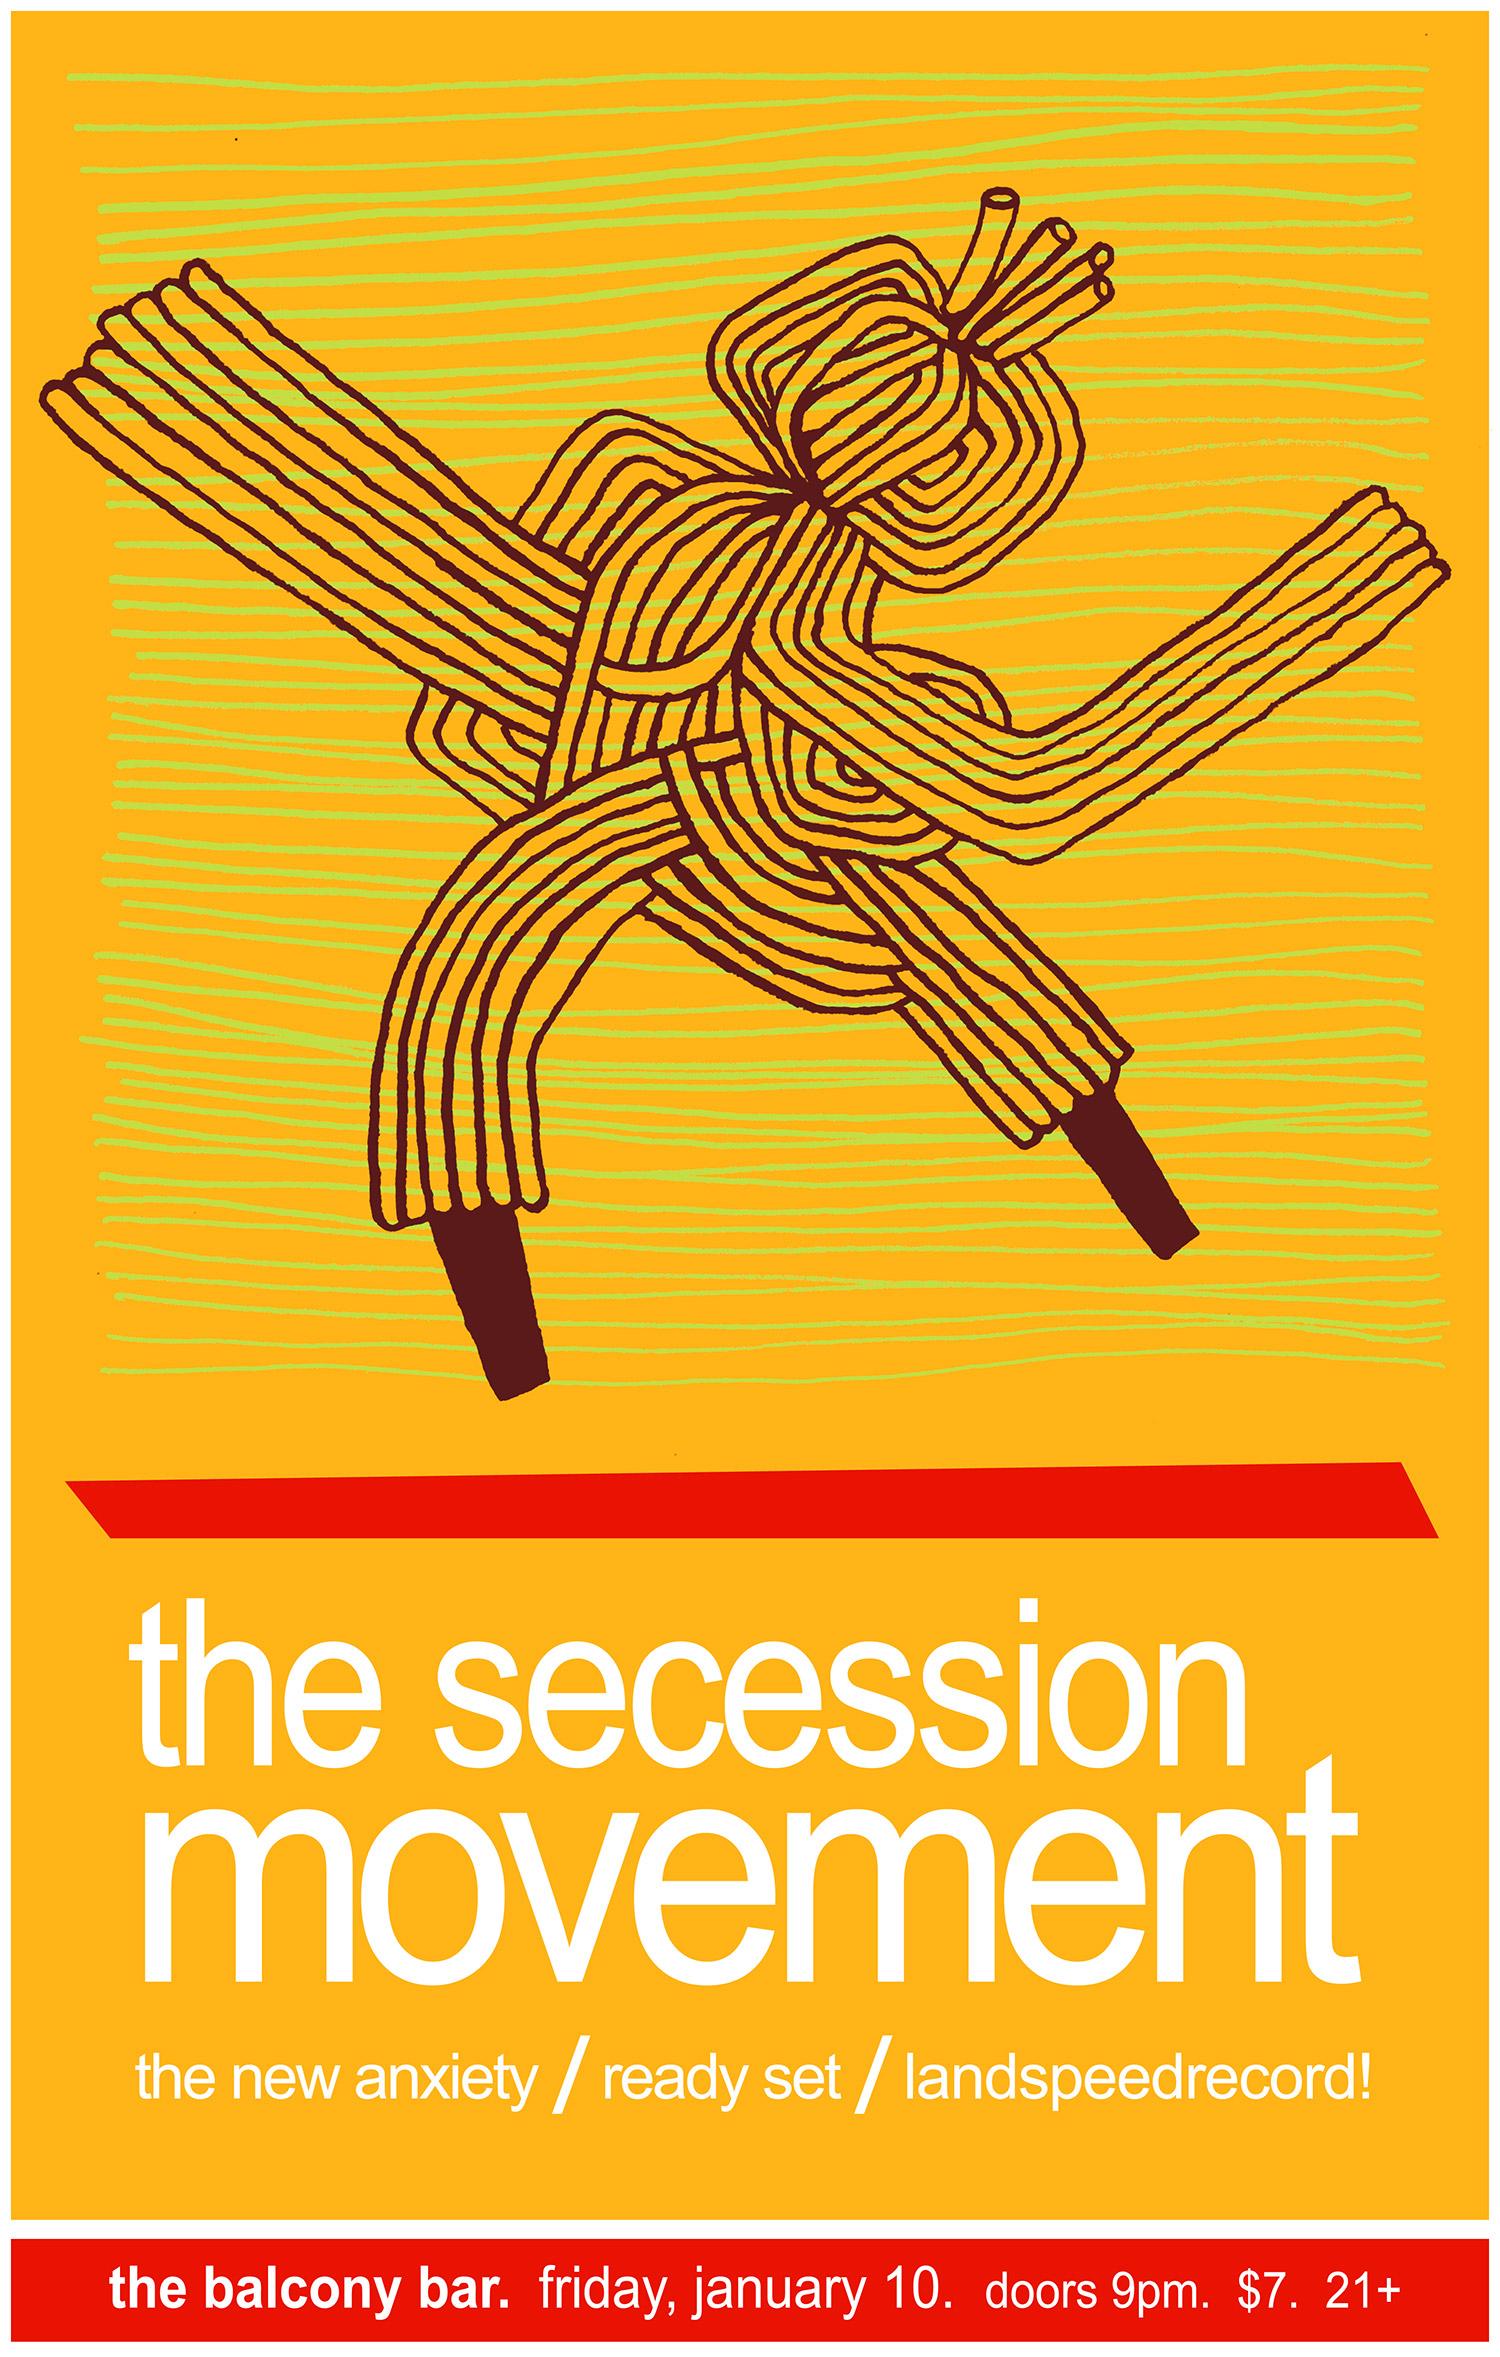 SecessionMovement1-2003-1500.jpg